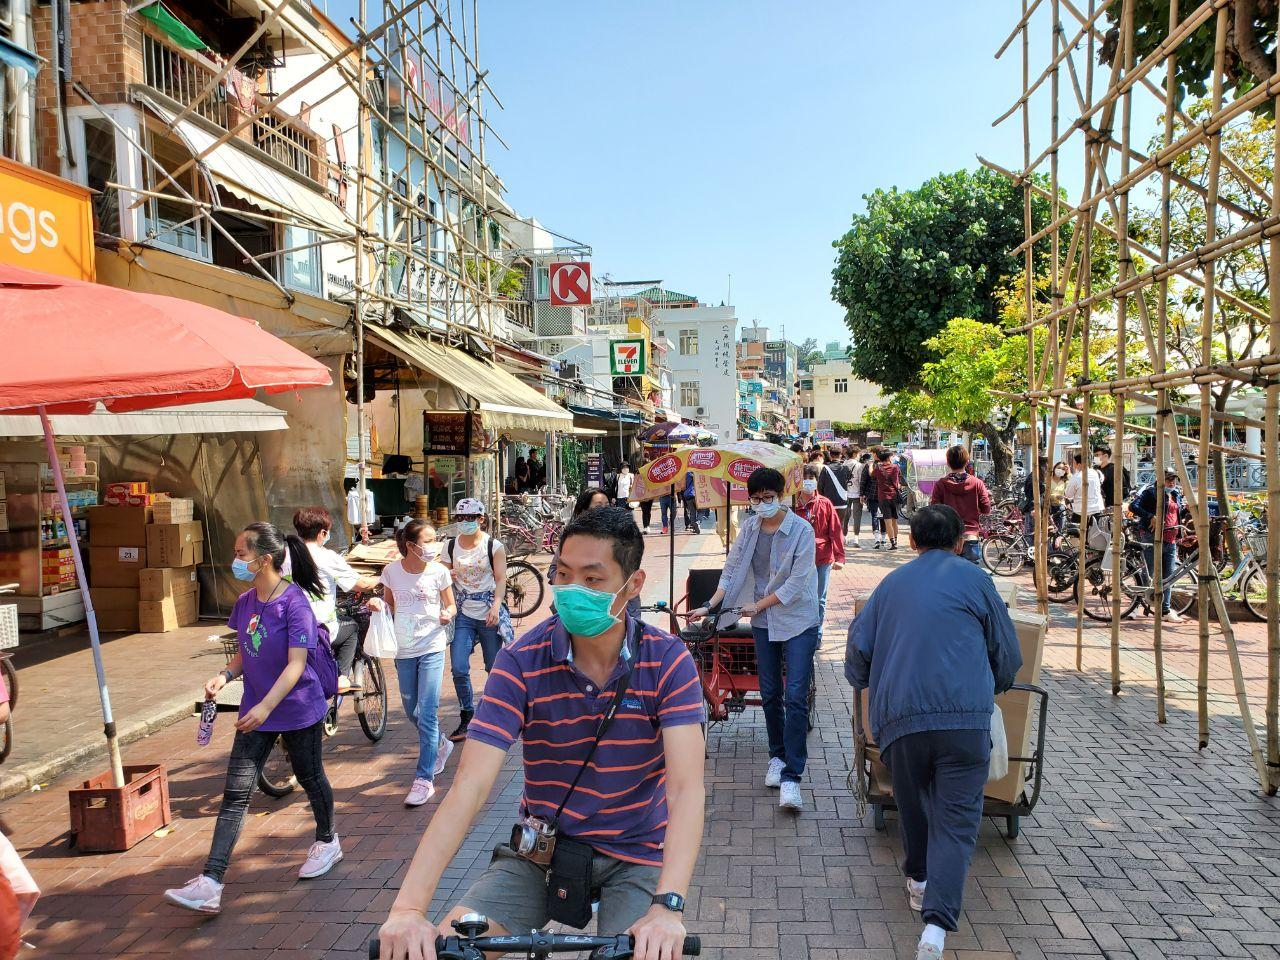 以長洲為例,4月13日當地天高氣爽,可見很多背著背囊的遊客,一家大小有踏單車的,也有徒步旅行的,在食肆內也可見有不少人用餐和聊天。(宋碧龍 / 大紀元)